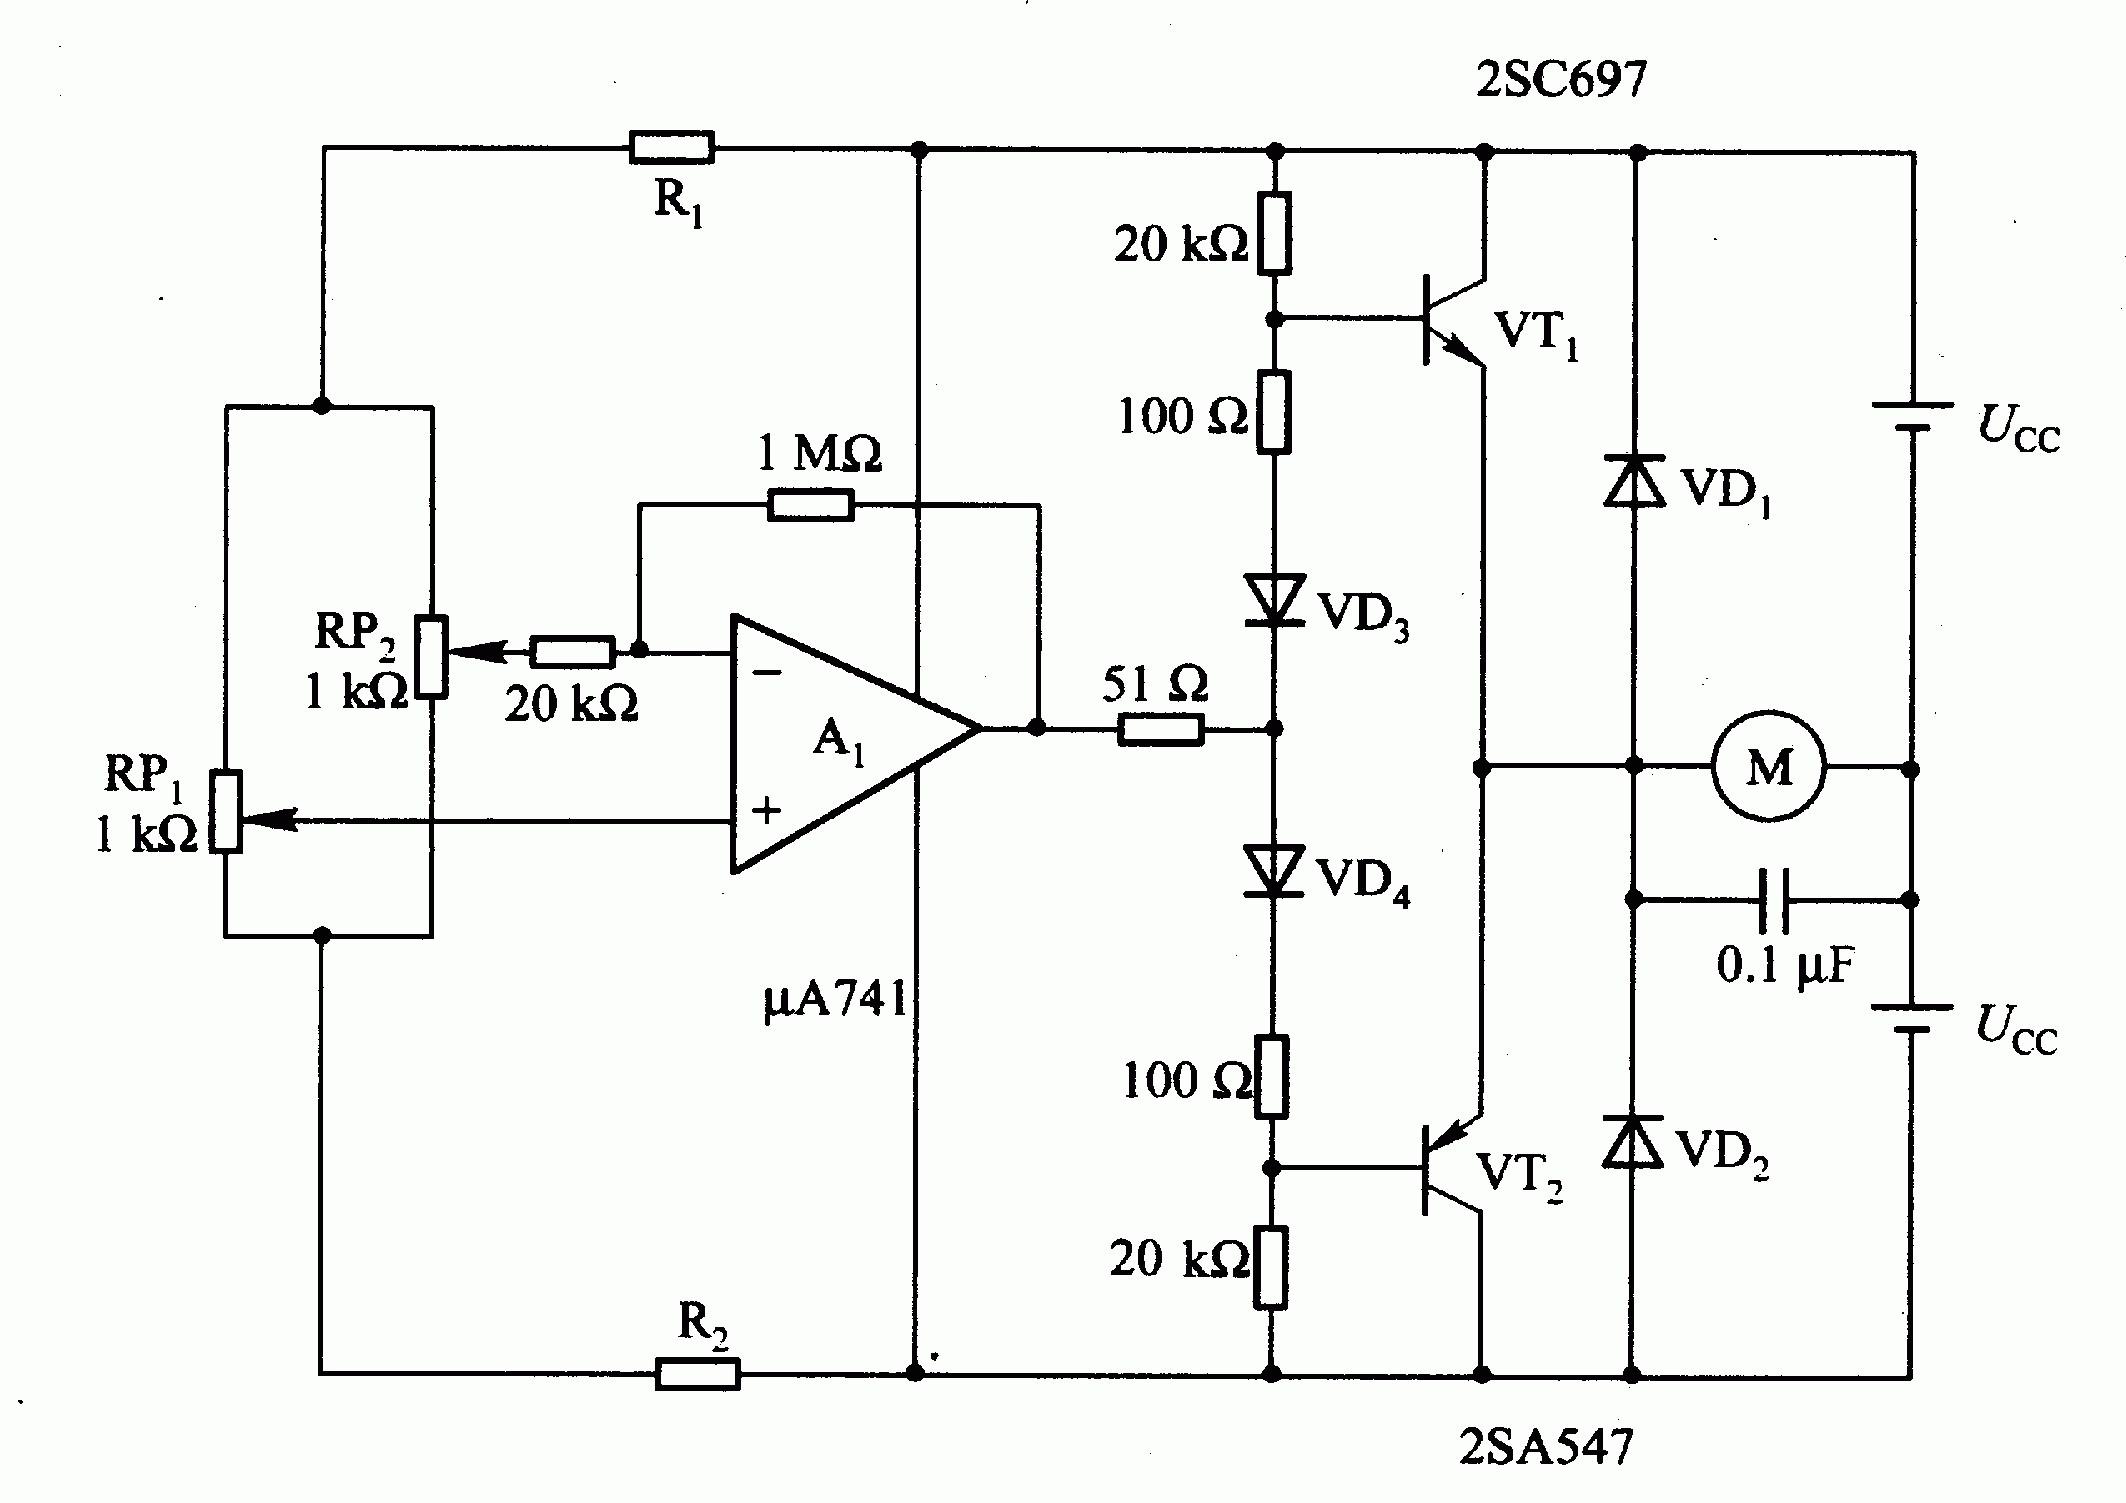 Cub Cadet Src 621 Parts Diagram Servo Motor Wiring Diagram Servo Motor Circuit Page Automation Of Cub Cadet Src 621 Parts Diagram